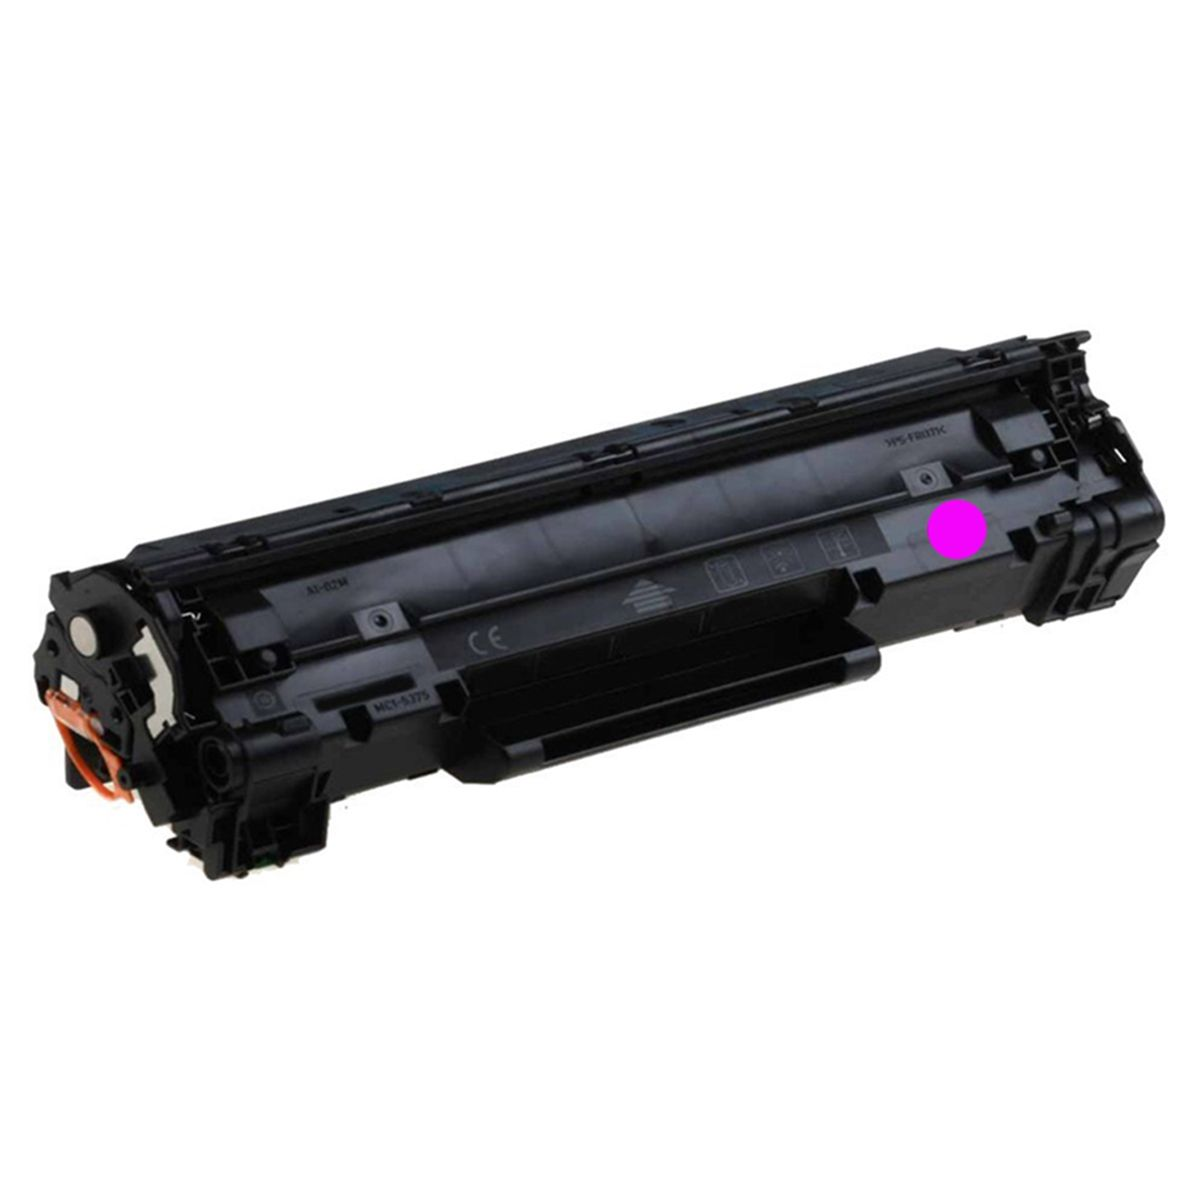 Toner HP CF403X Magenta para impressoras M252DW M277DW M252 M277 Compatível